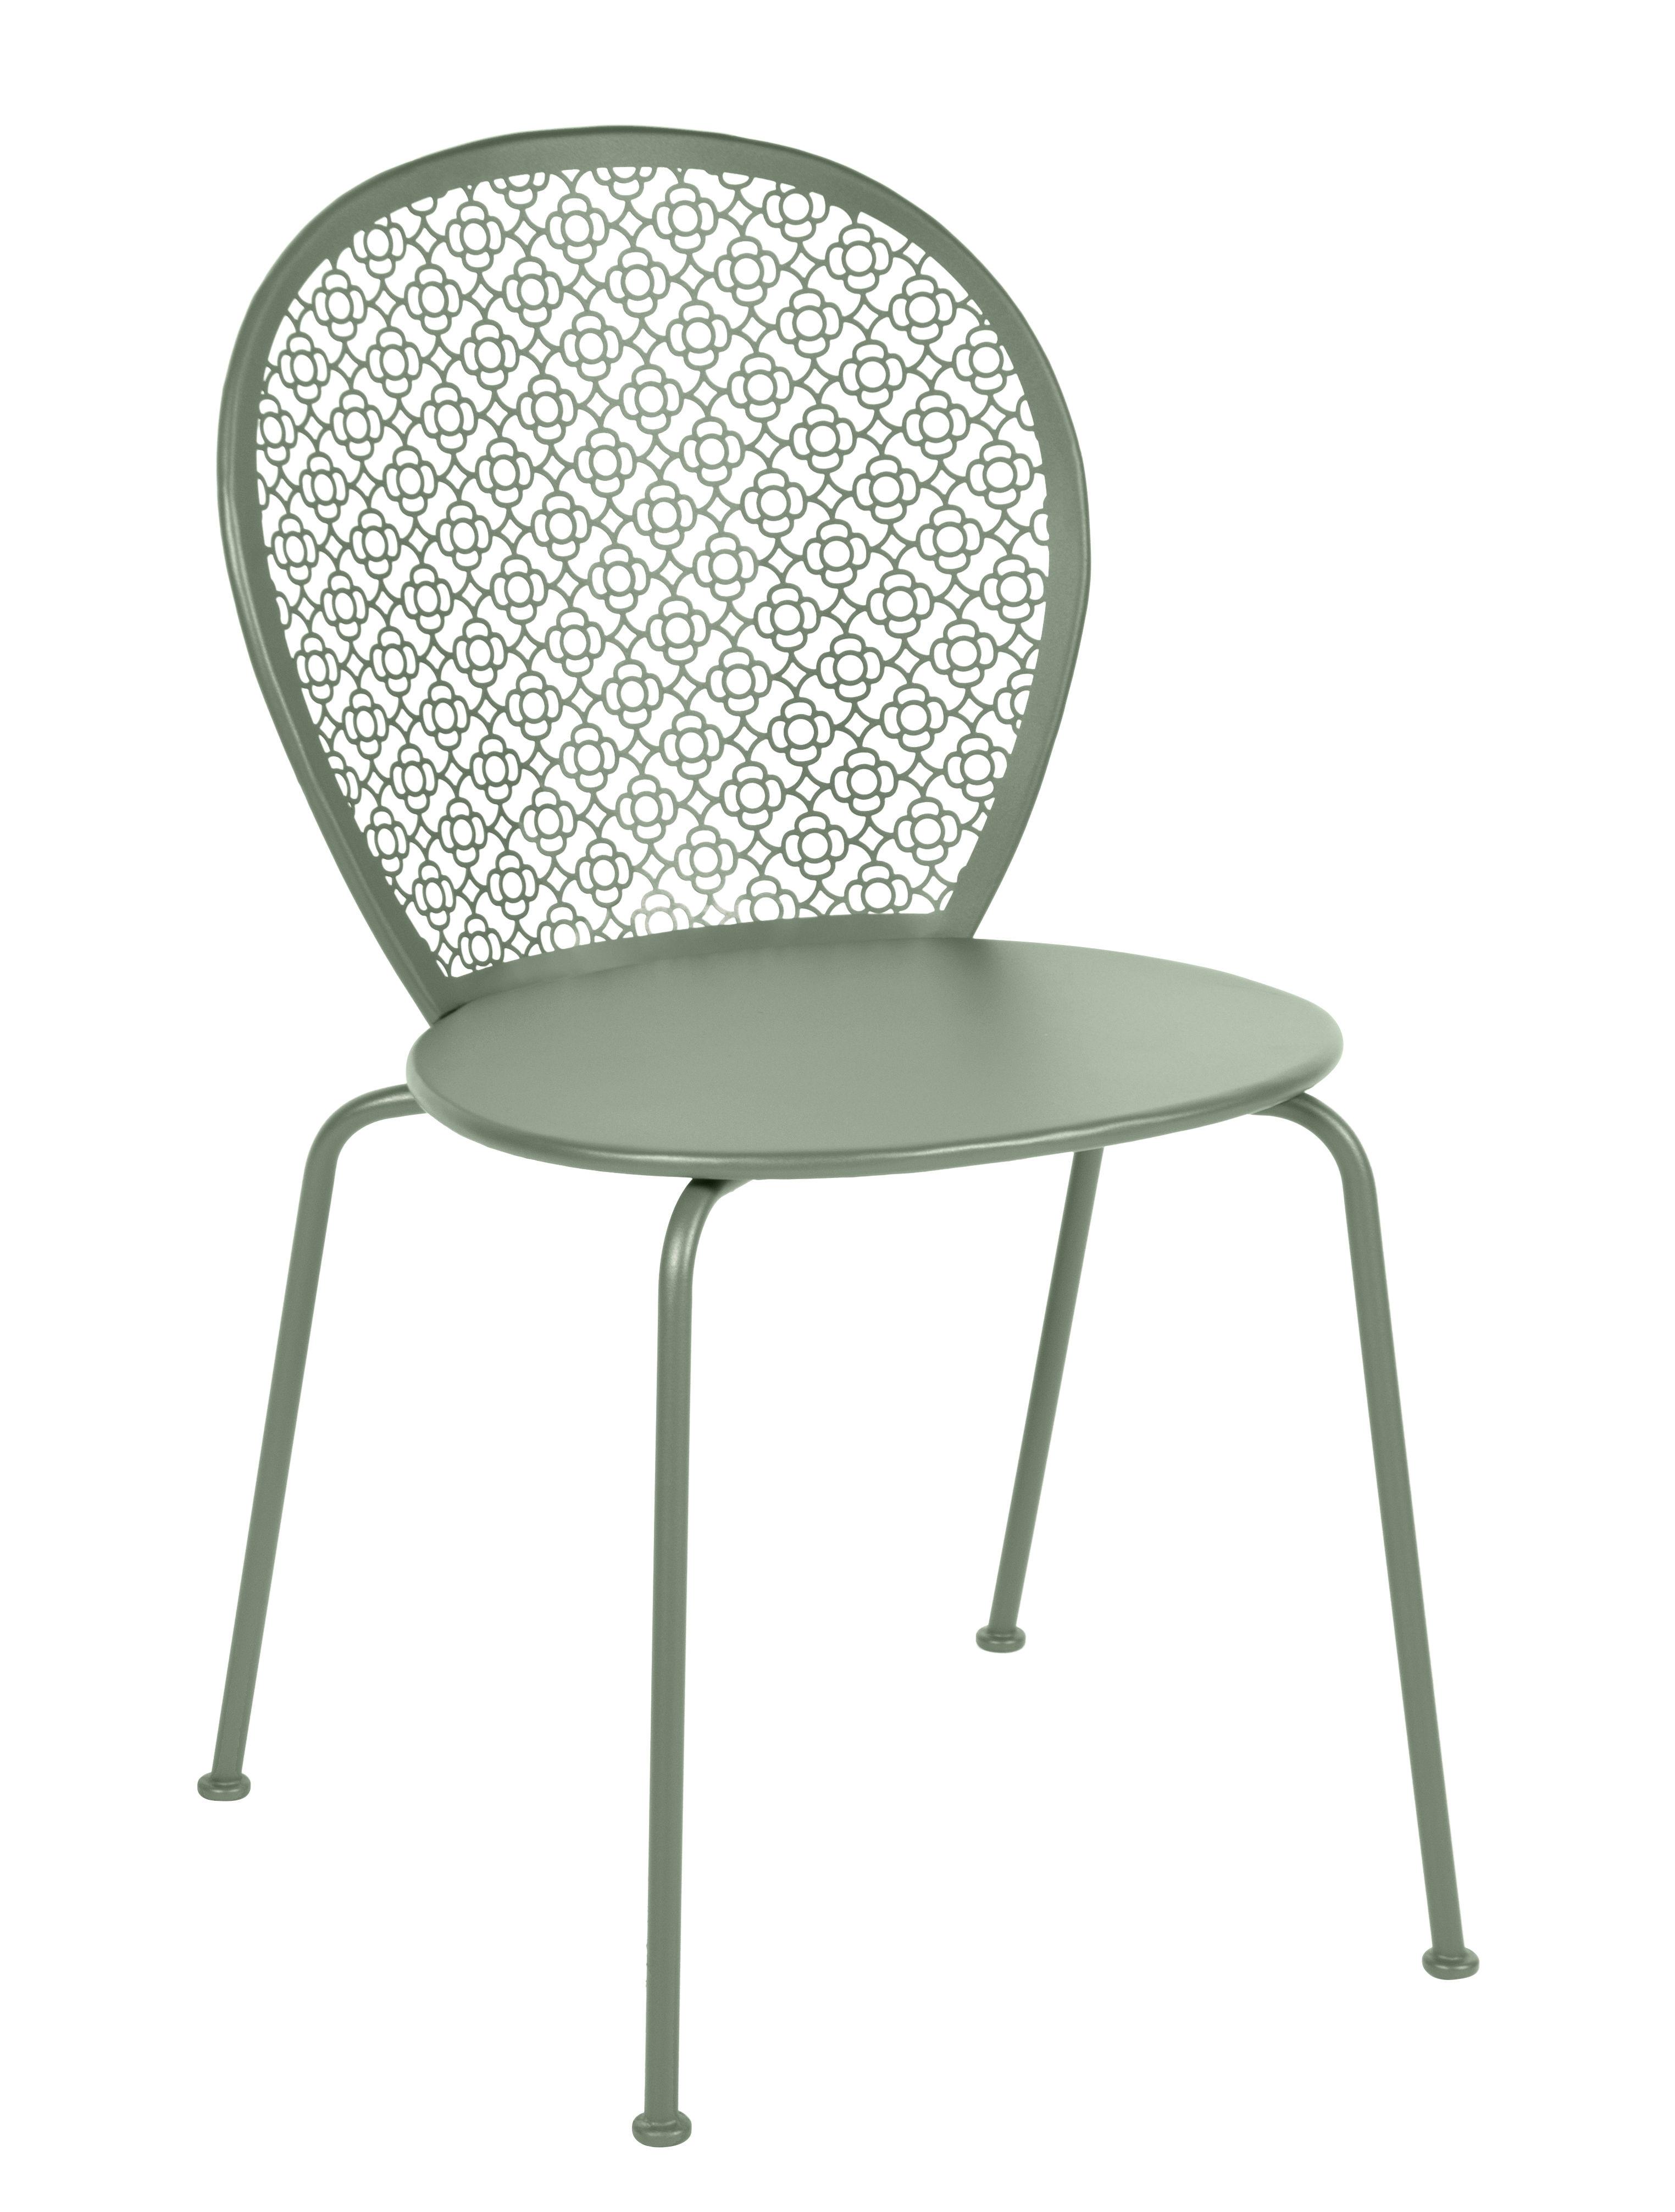 Mobilier - Chaises, fauteuils de salle à manger - Chaise empilable Lorette / Métal perforé - Fermob - Cactus - Acier laqué